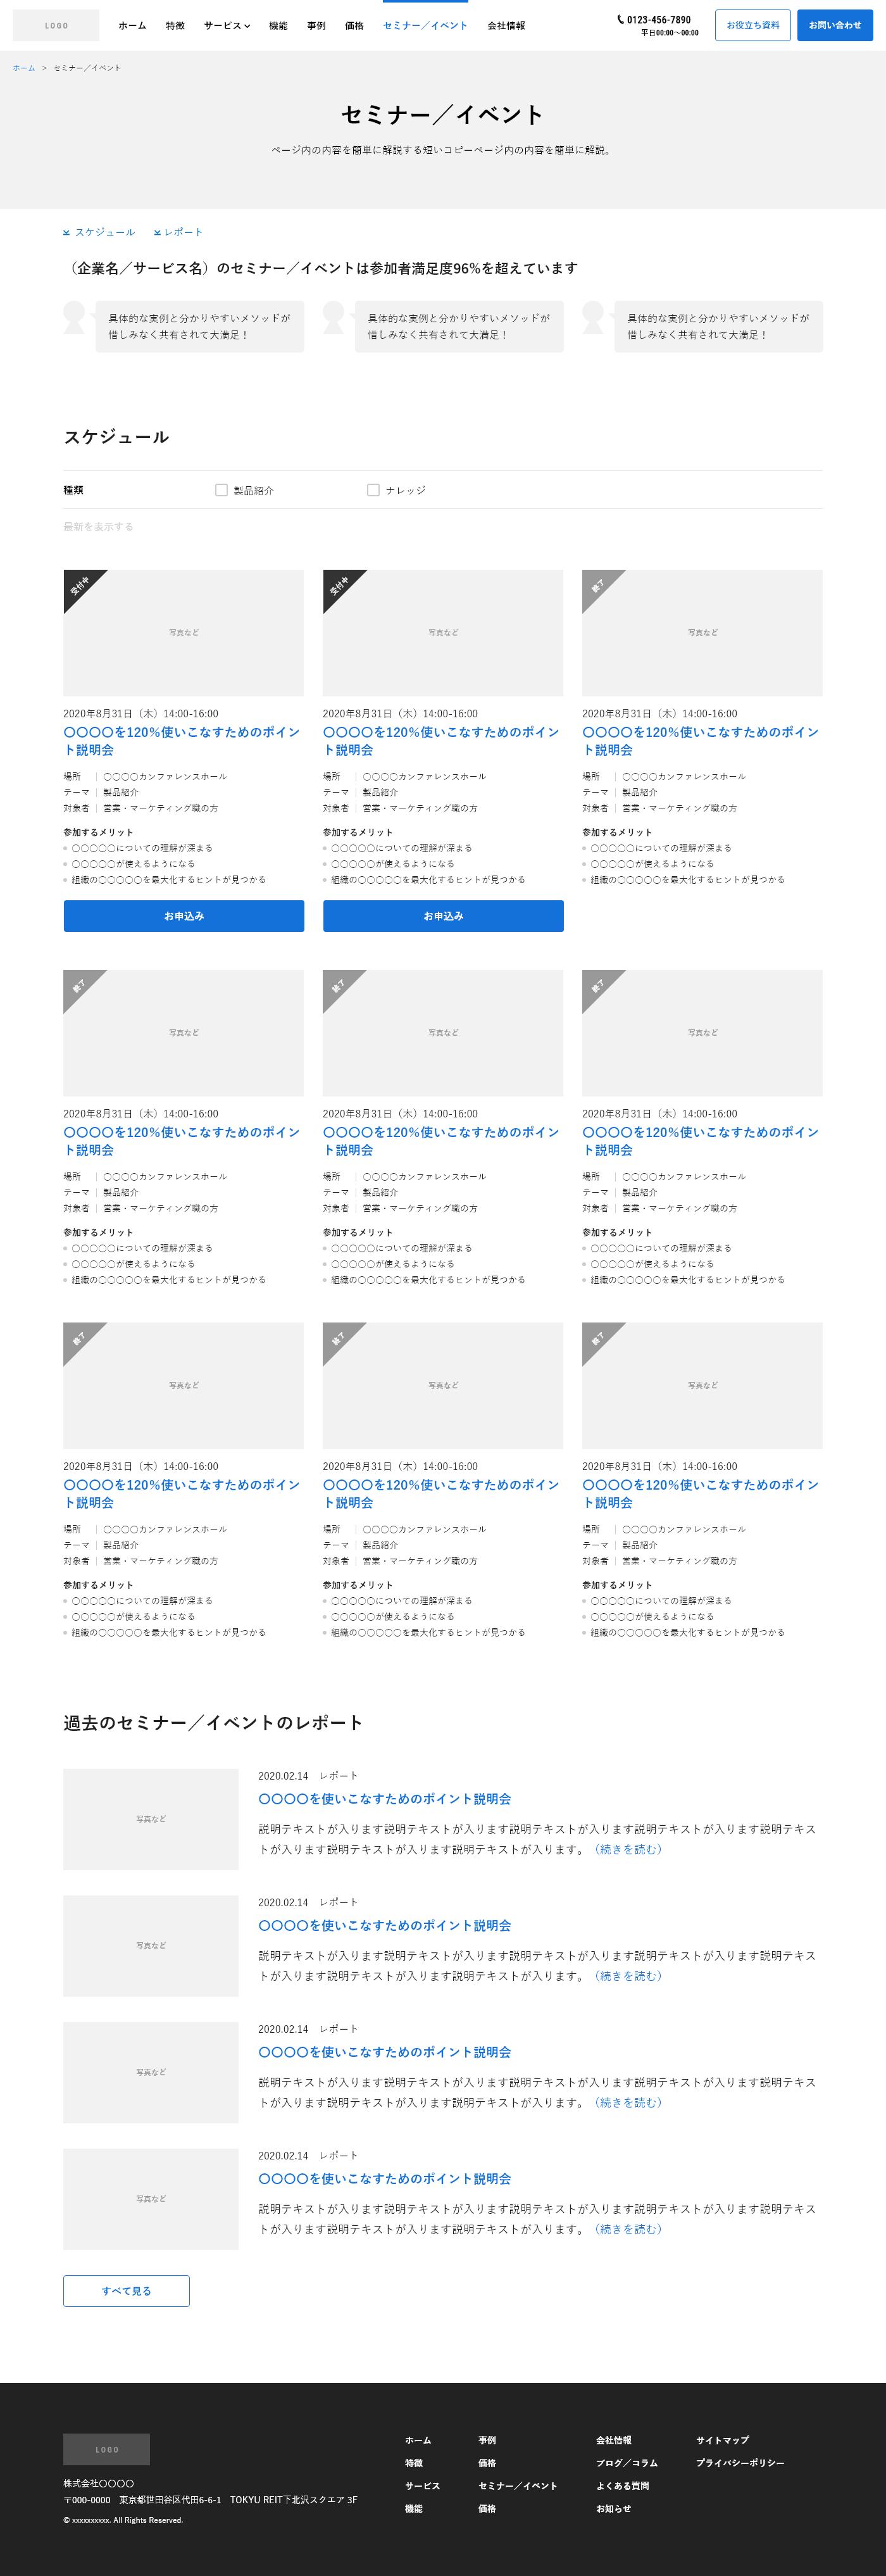 セミナー/イベント(一覧)